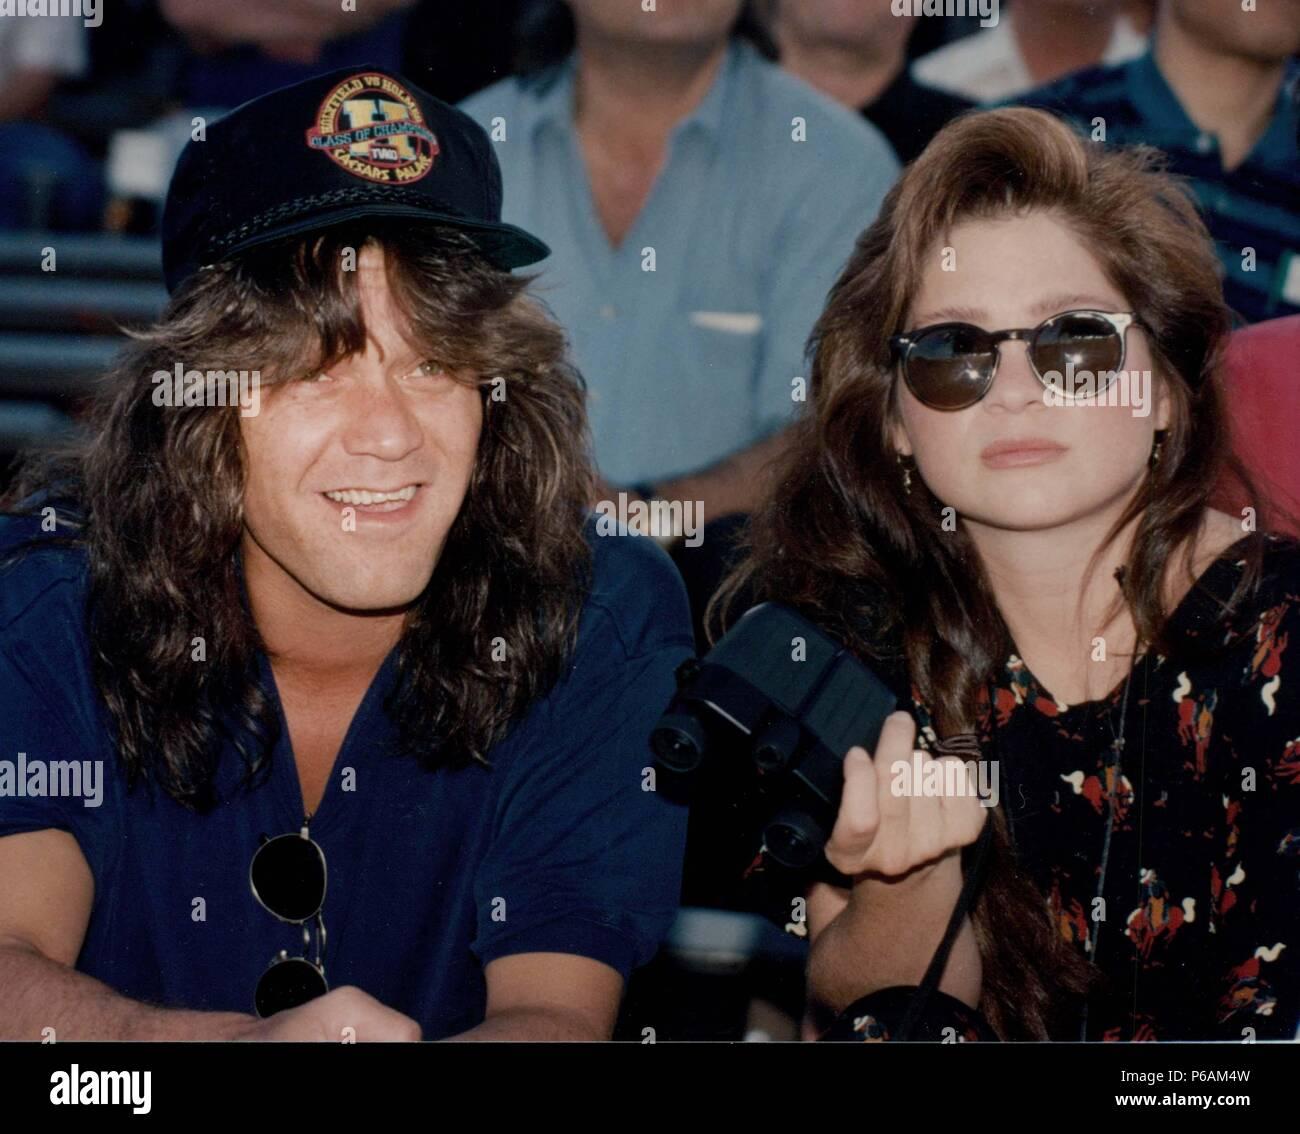 eddie van halen amp wife valerie bertinelli 1992 photo by